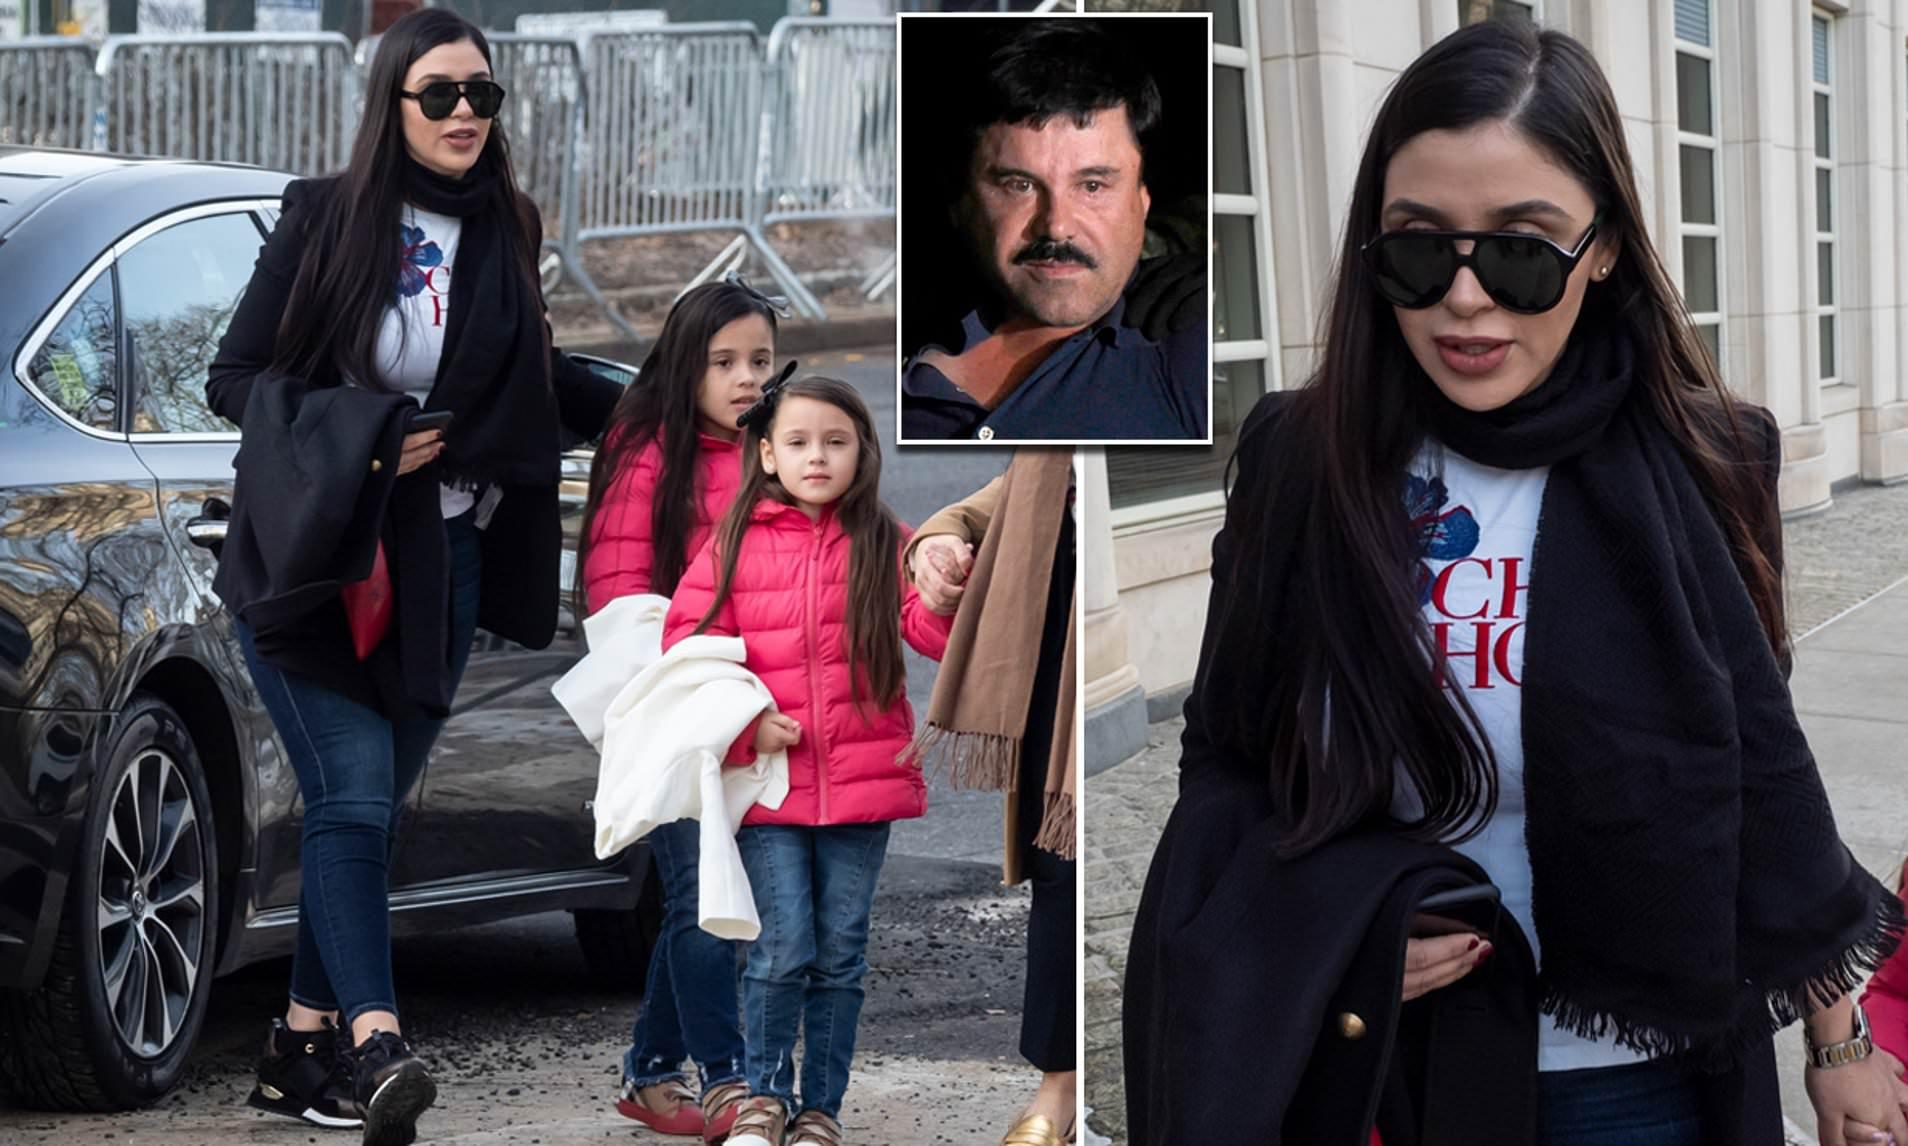 همسر الچاپو به اتهام قاچاق موادمخدر دستگیر شدزمان تقریبی مطالعه: ۱ دقیقه